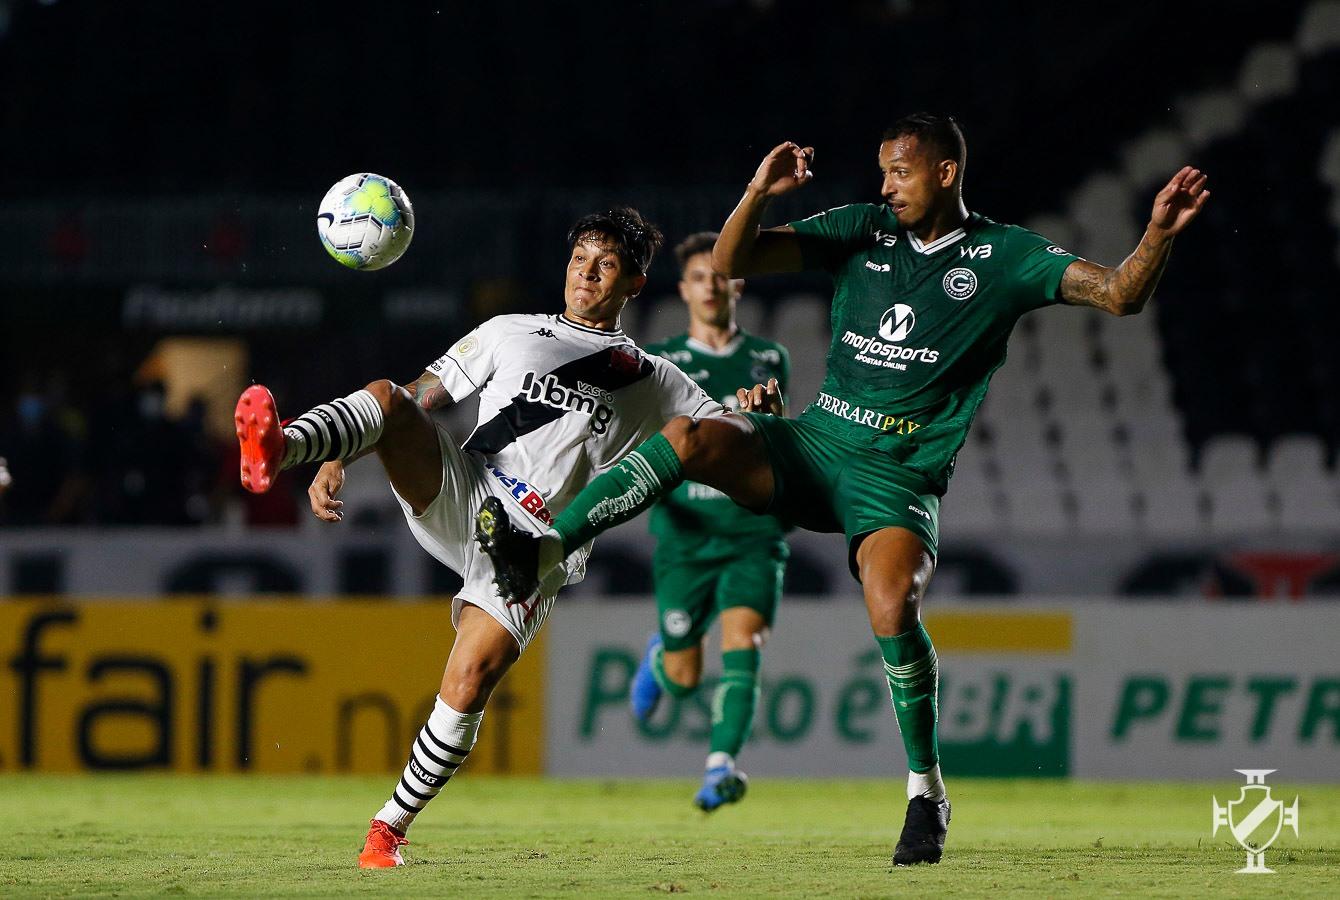 Rebaixado pela quarta vez, Vasco é um dos campeões brasileiros que disputarão a segunda divisão nesta temporada. Foto: Facebook/Reprodução